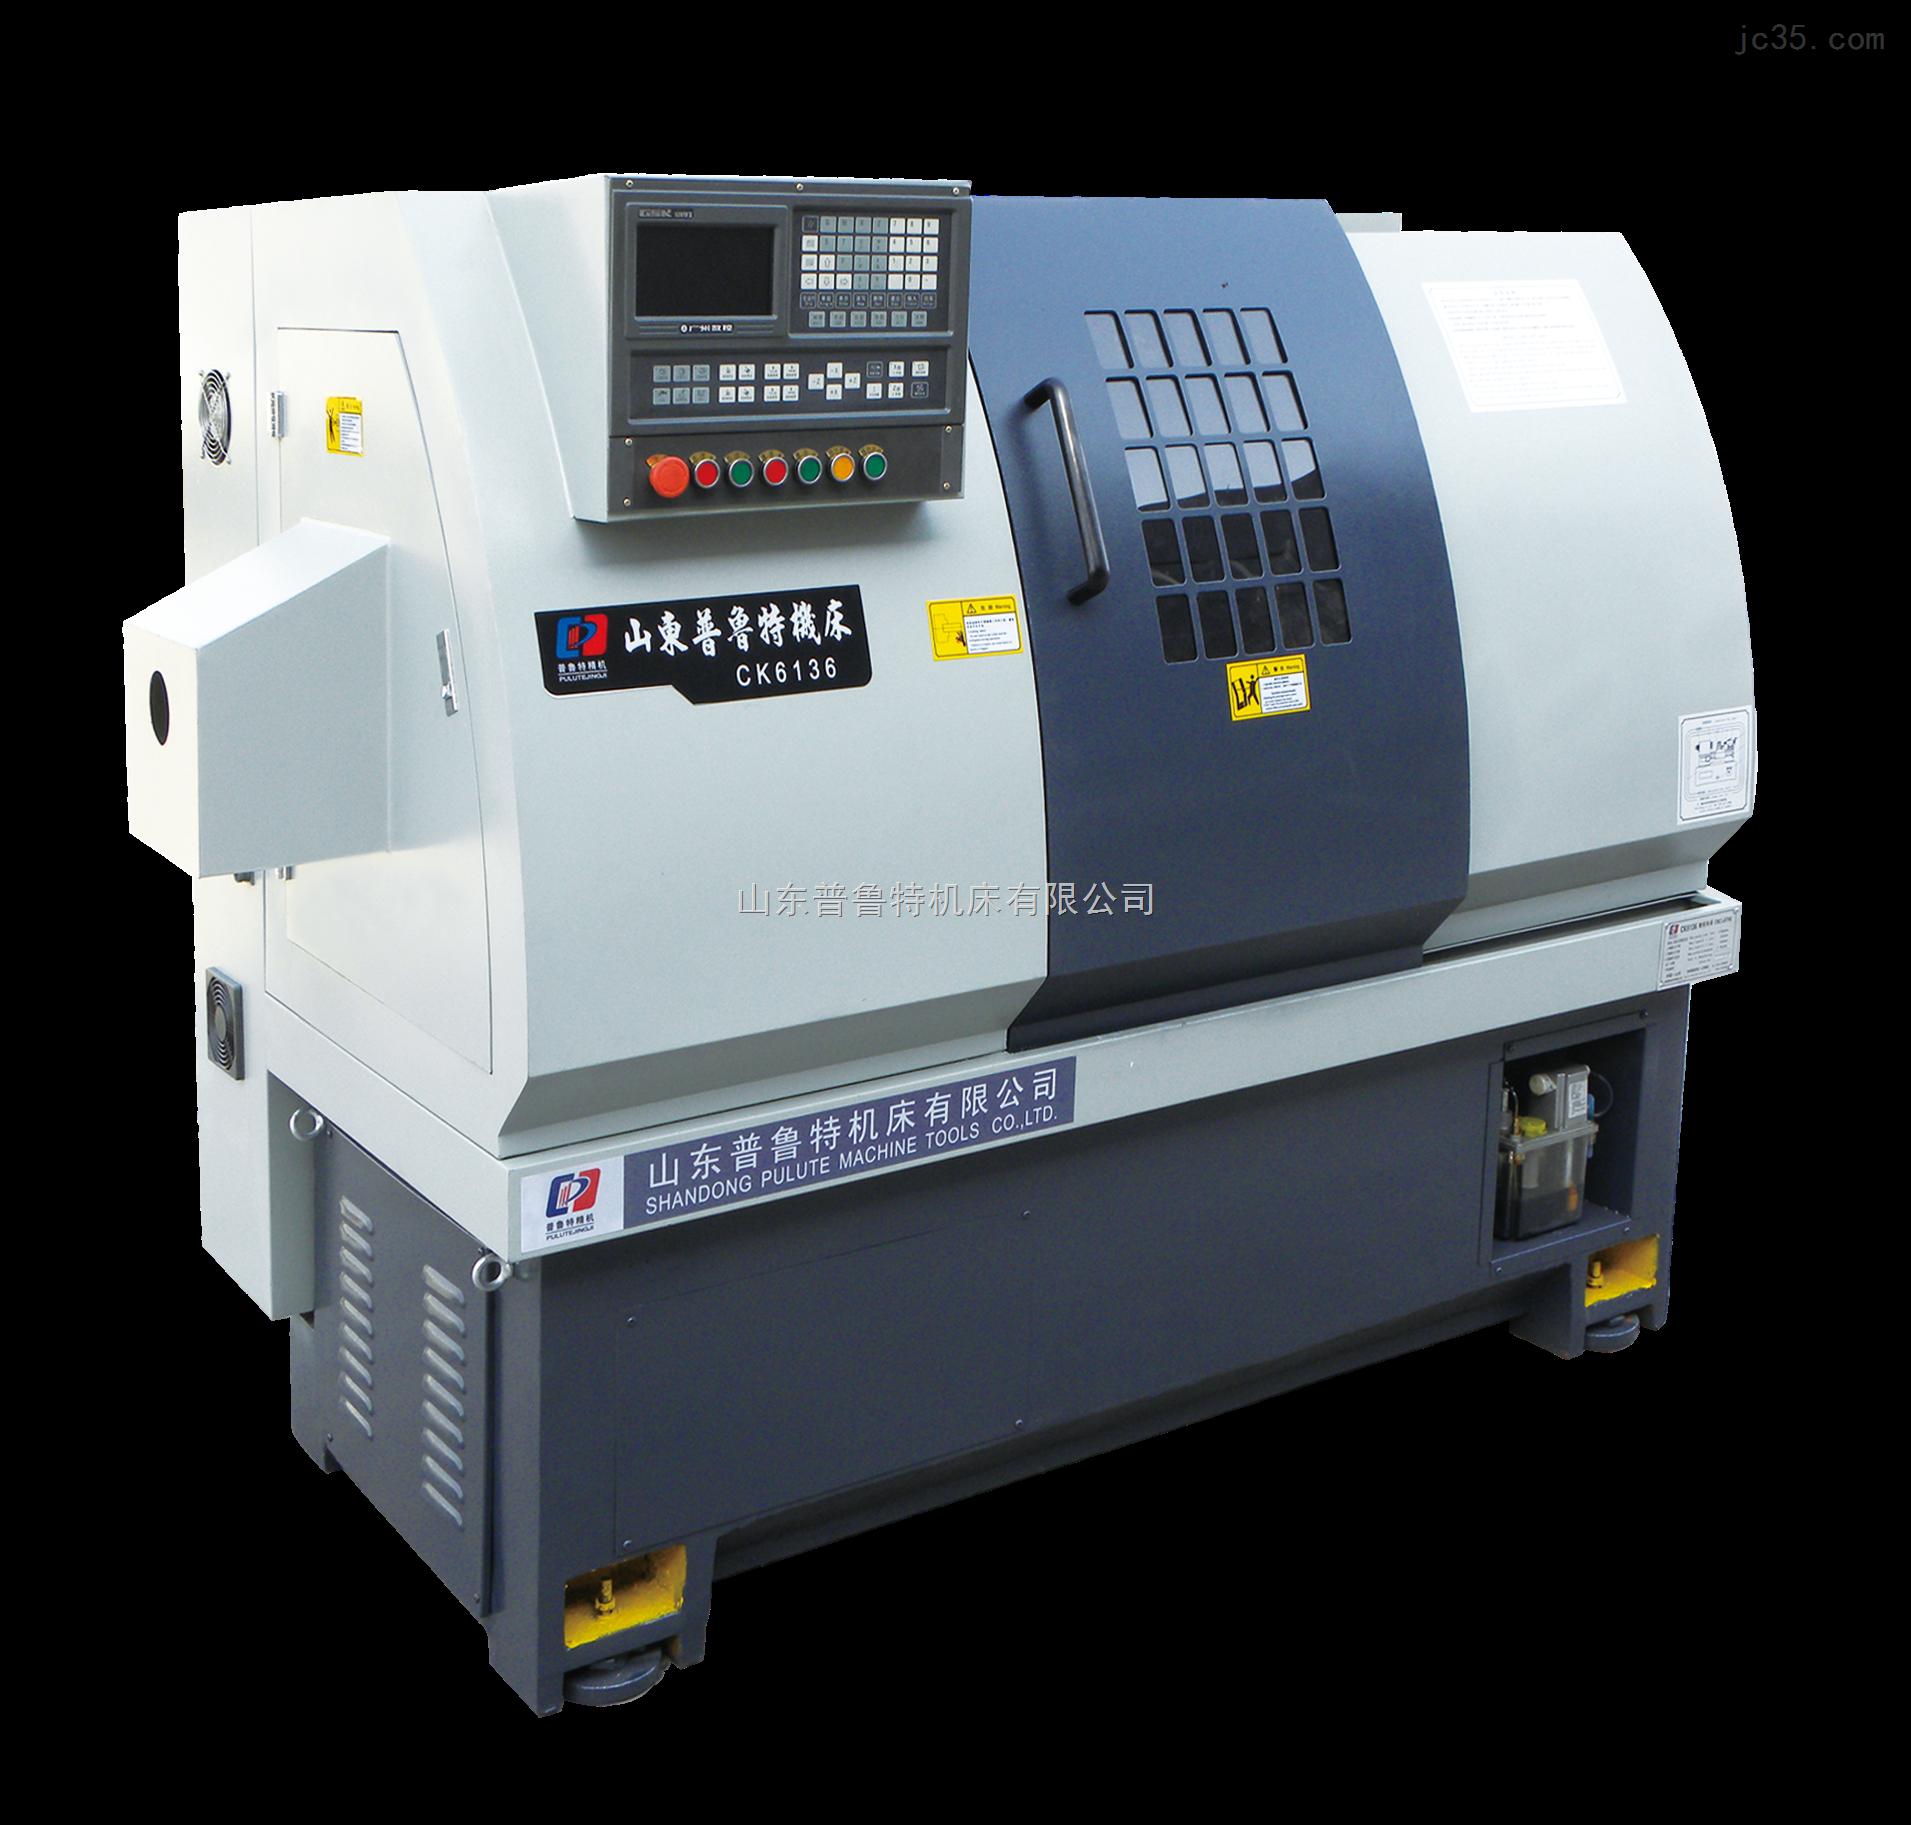 ck6140卧式数控车 优质数控车床 国产数控车床